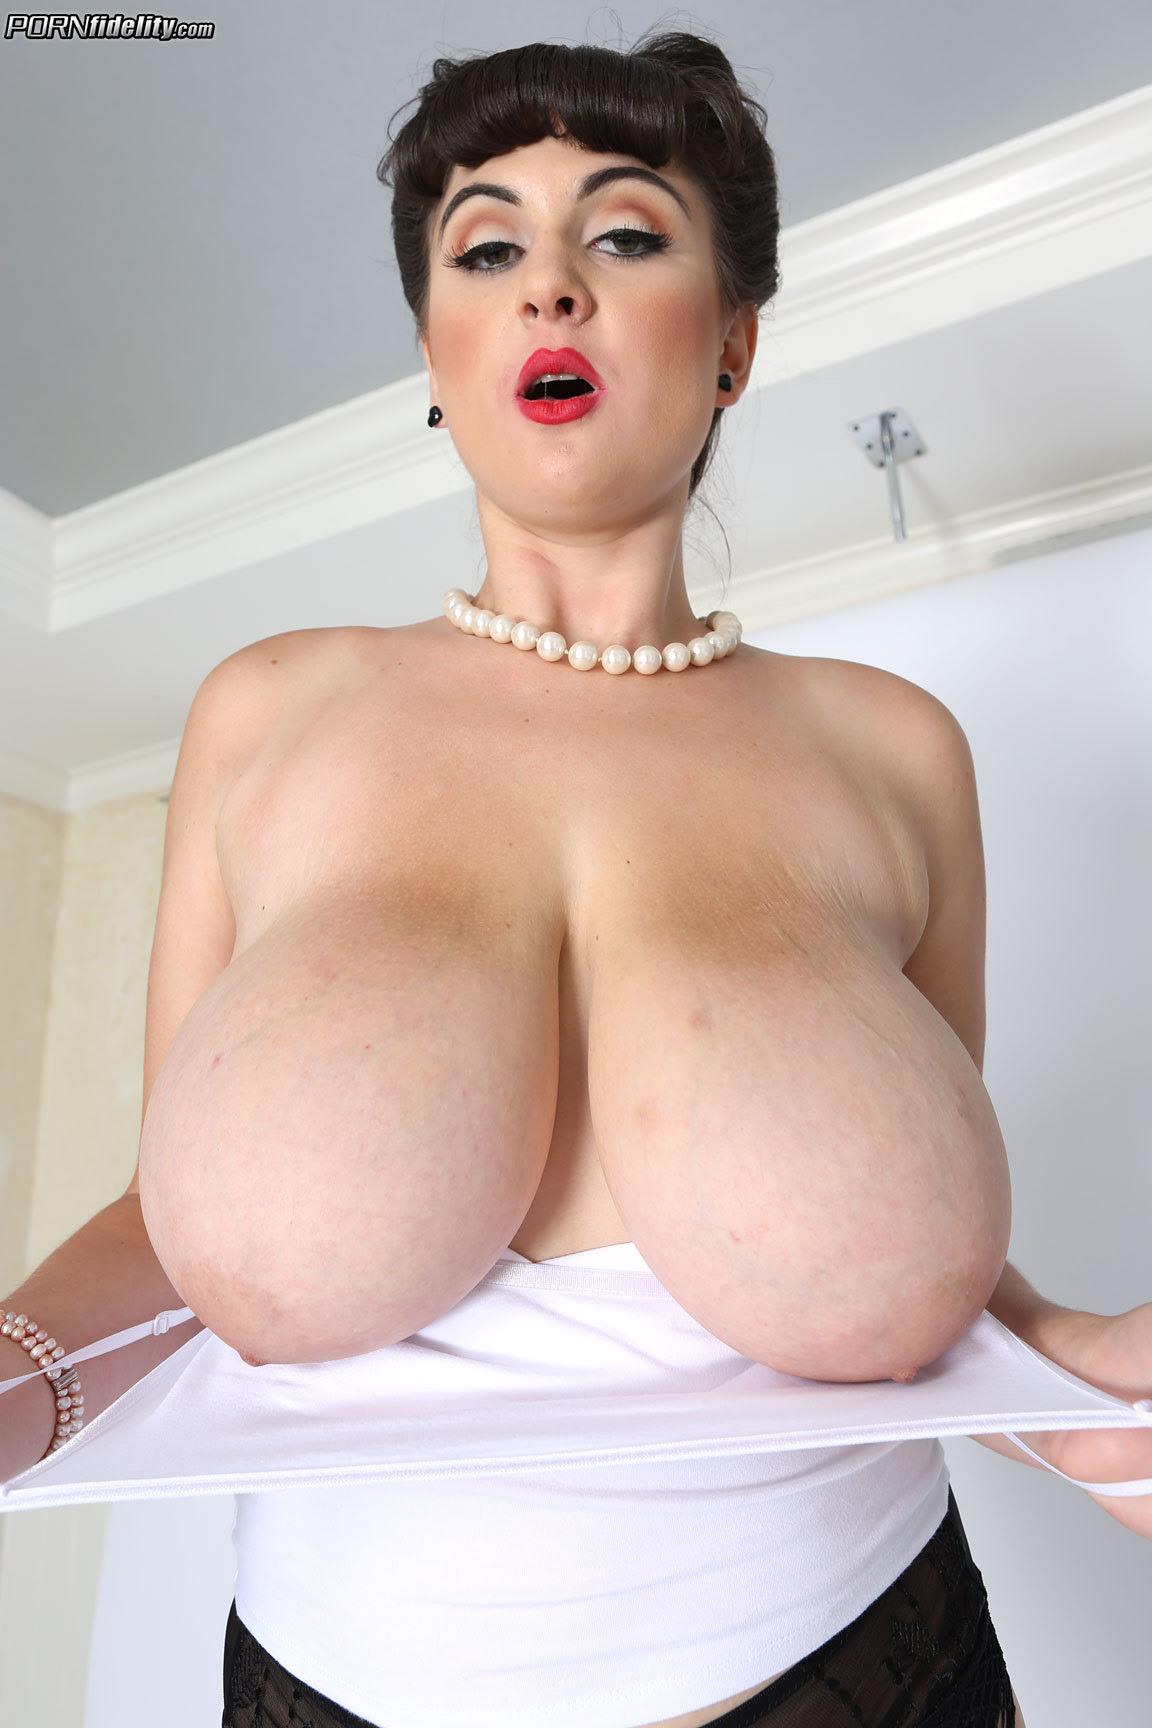 http://25.media.tumblr.com/tumblr_m94998j3PK1r14bjgo1_1280.jpg